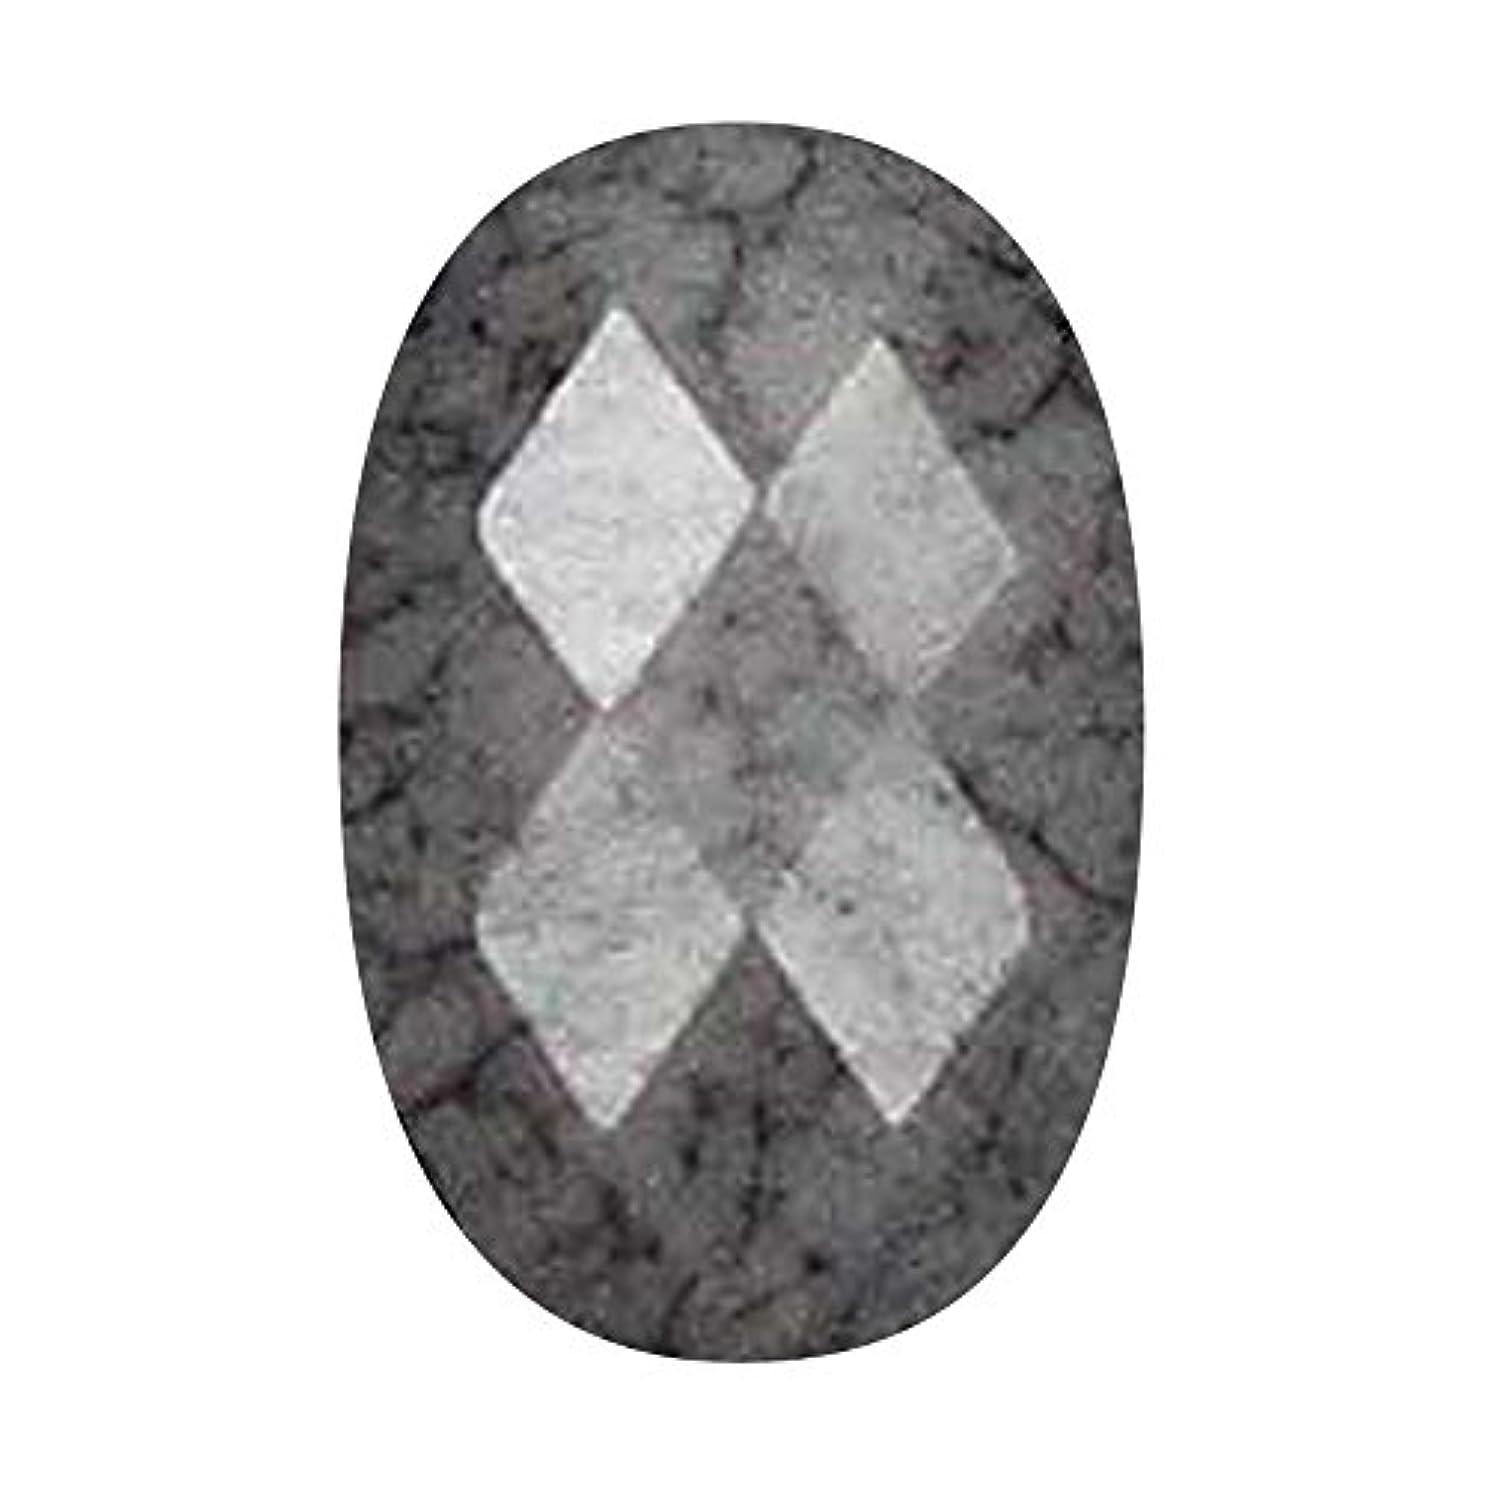 暖かさ報酬リーフレットMpetit B677 ビジュー スレートグレイ 20P マーキス?カットの大理石風ストーン アート材